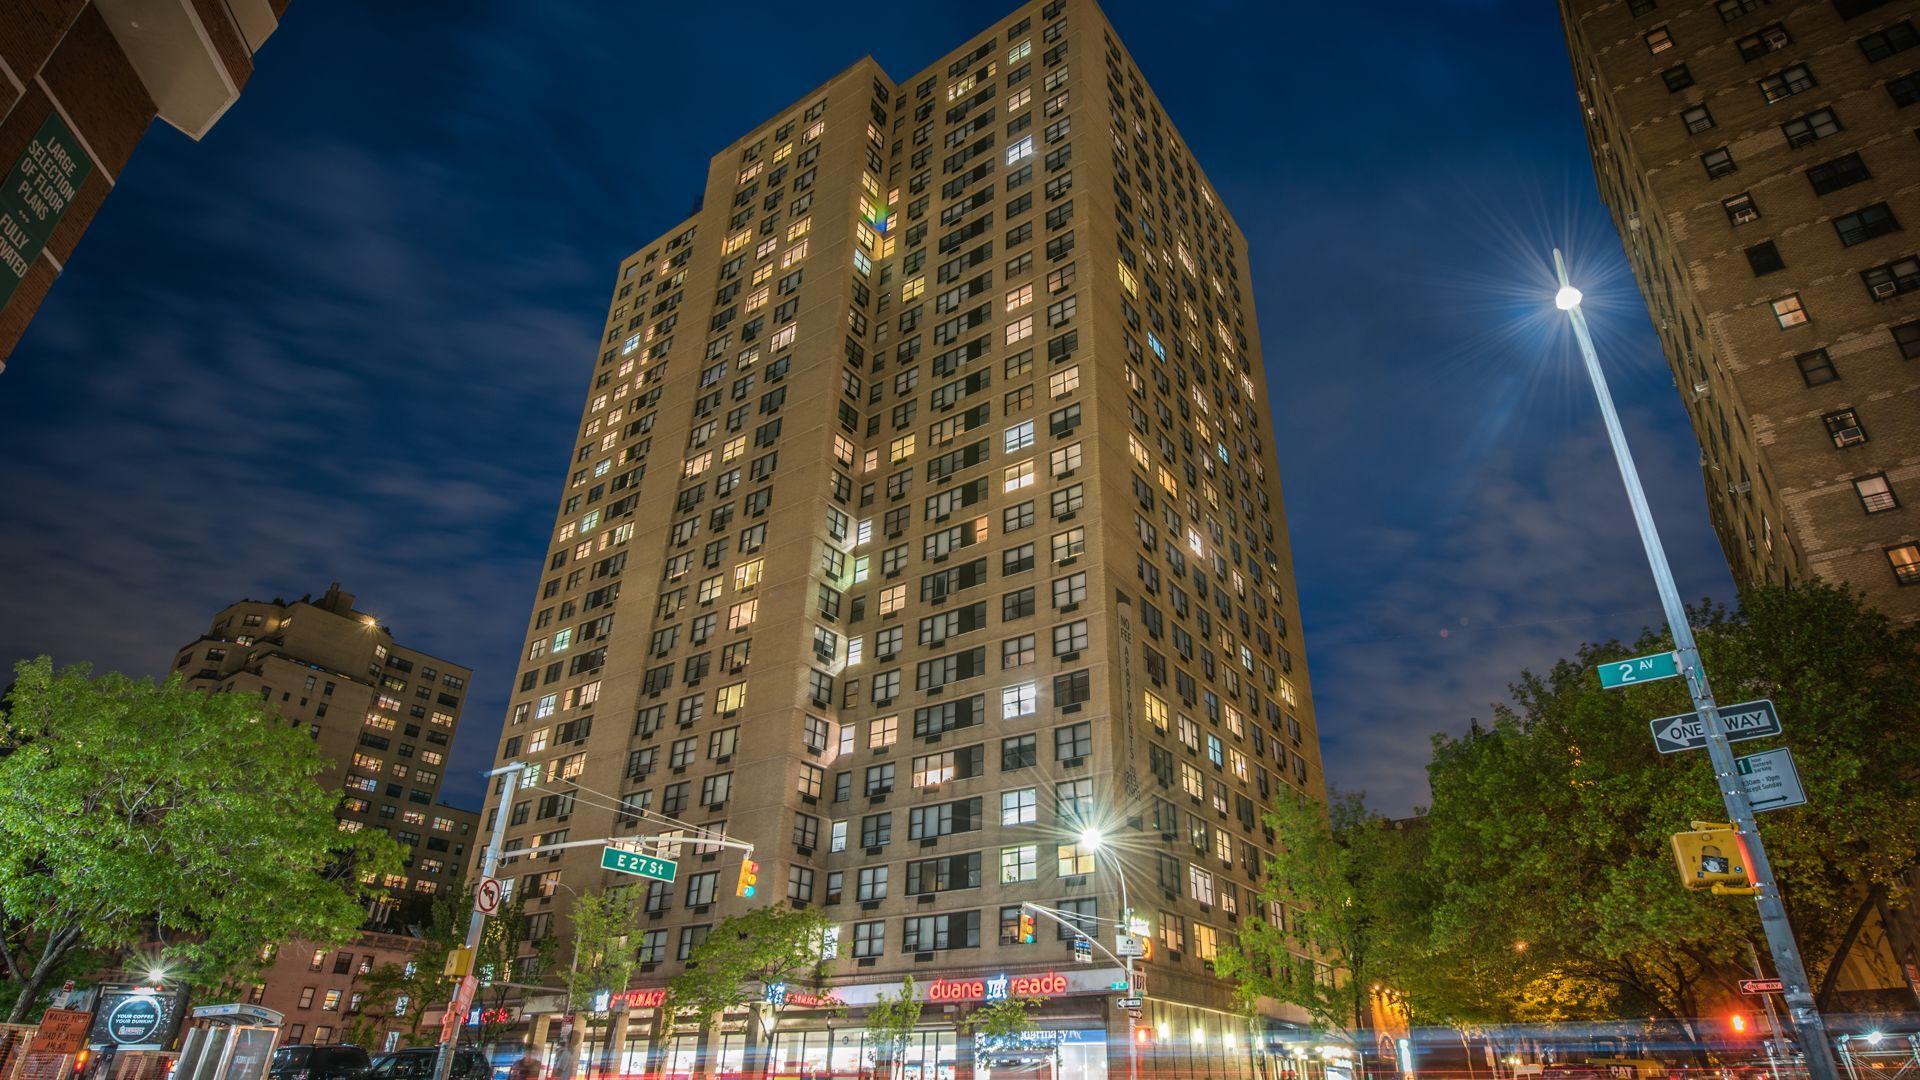 Parc East Apartments - Exterior